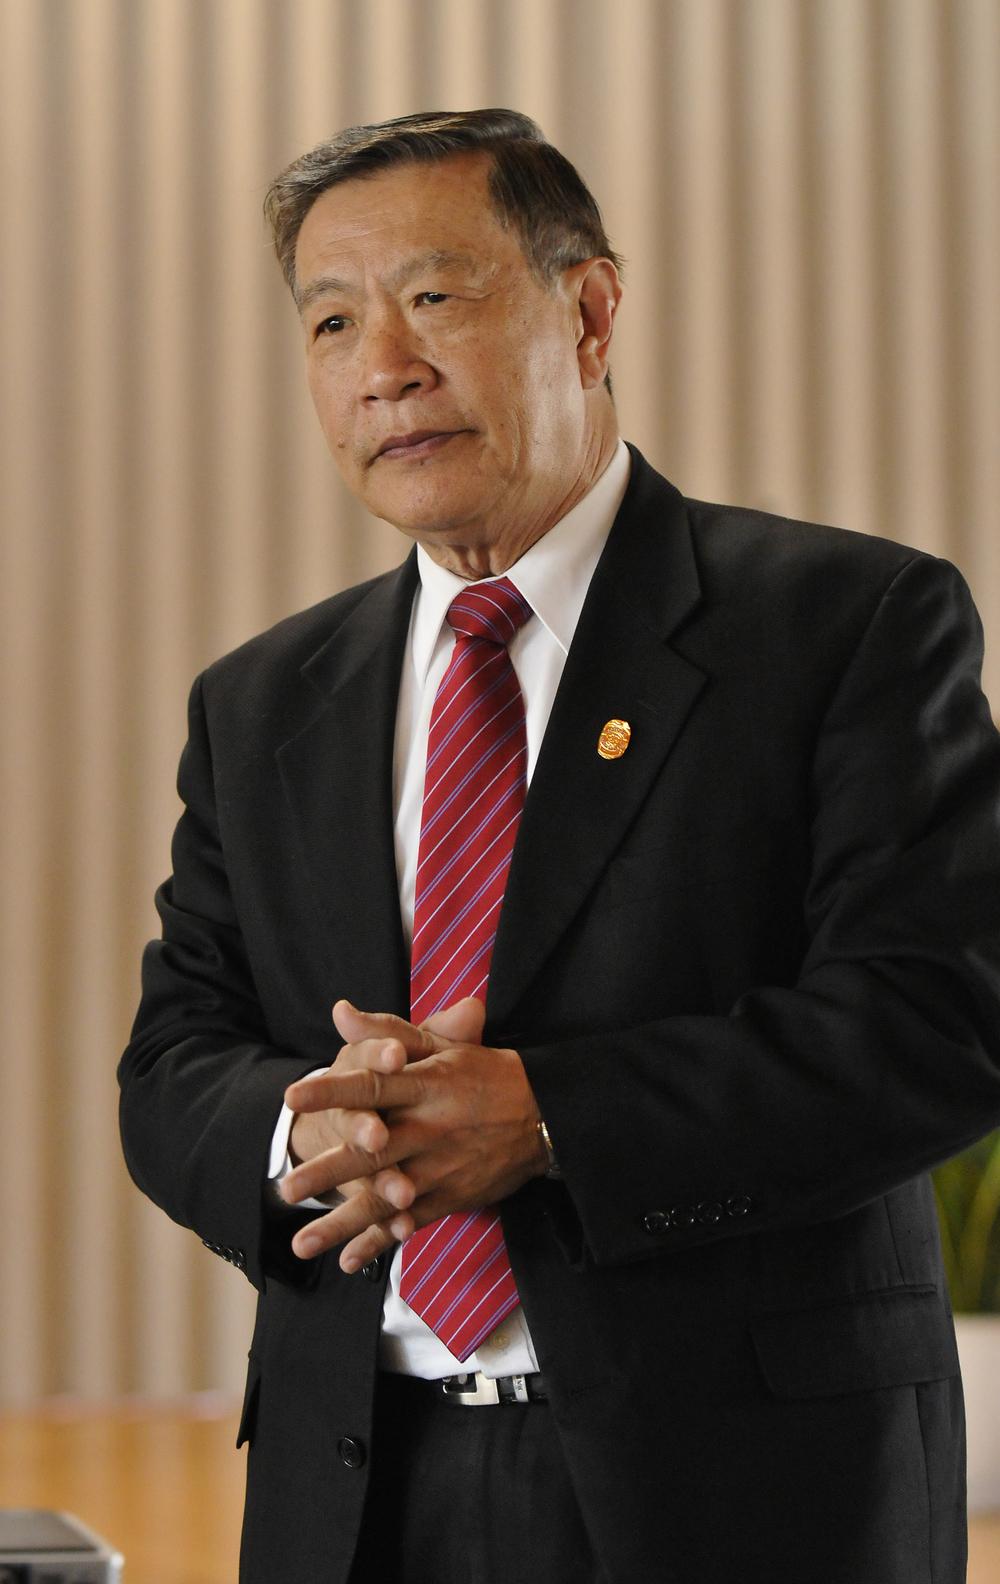 Dr Henry Lee